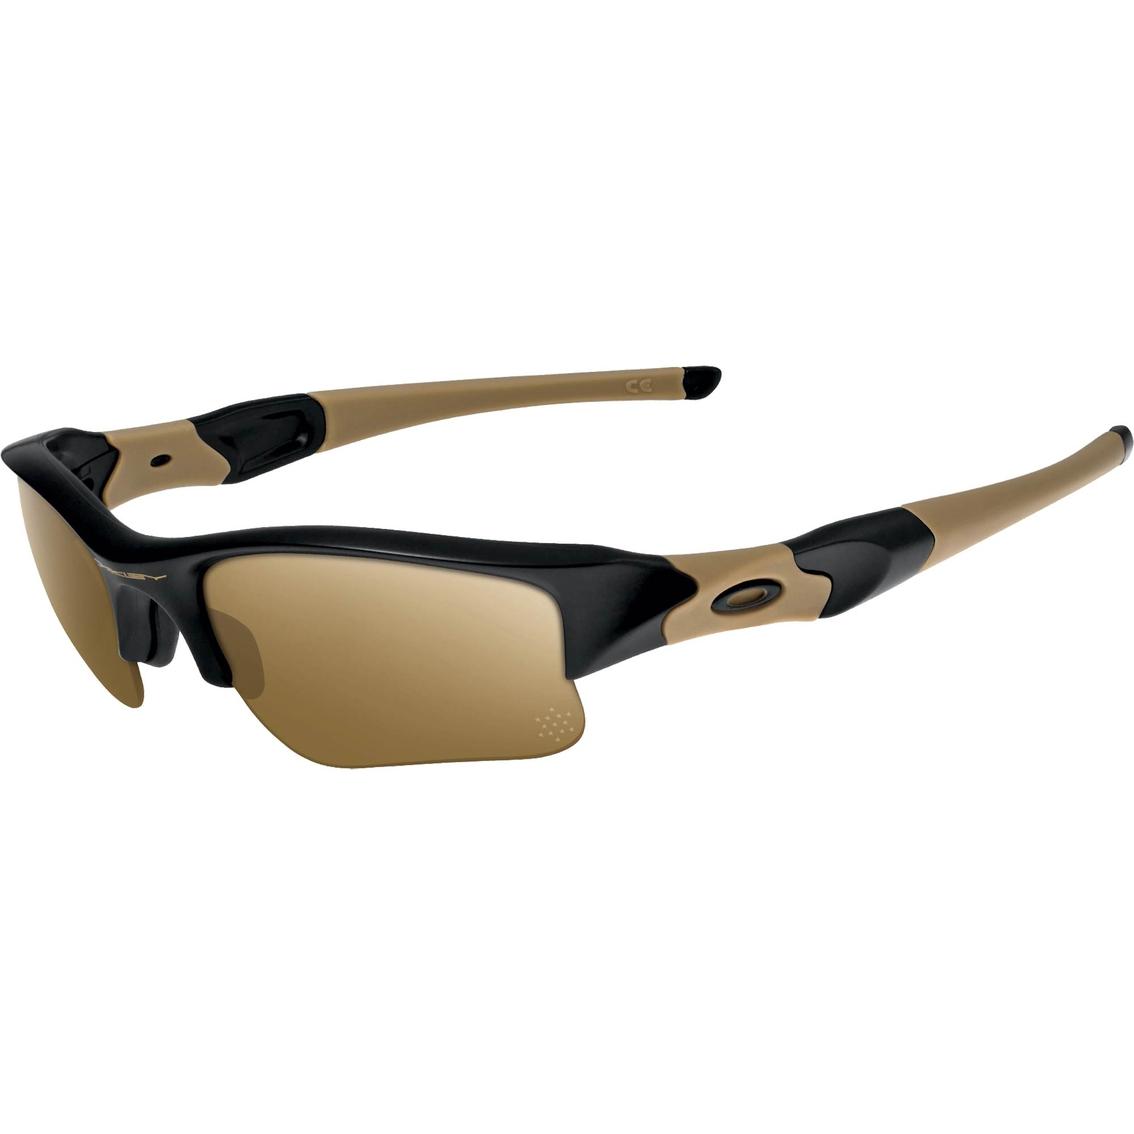 d3ba943749 Oakley Si Flak Jacket Xlj Coyote Iridium Polarized Sunglasses ...